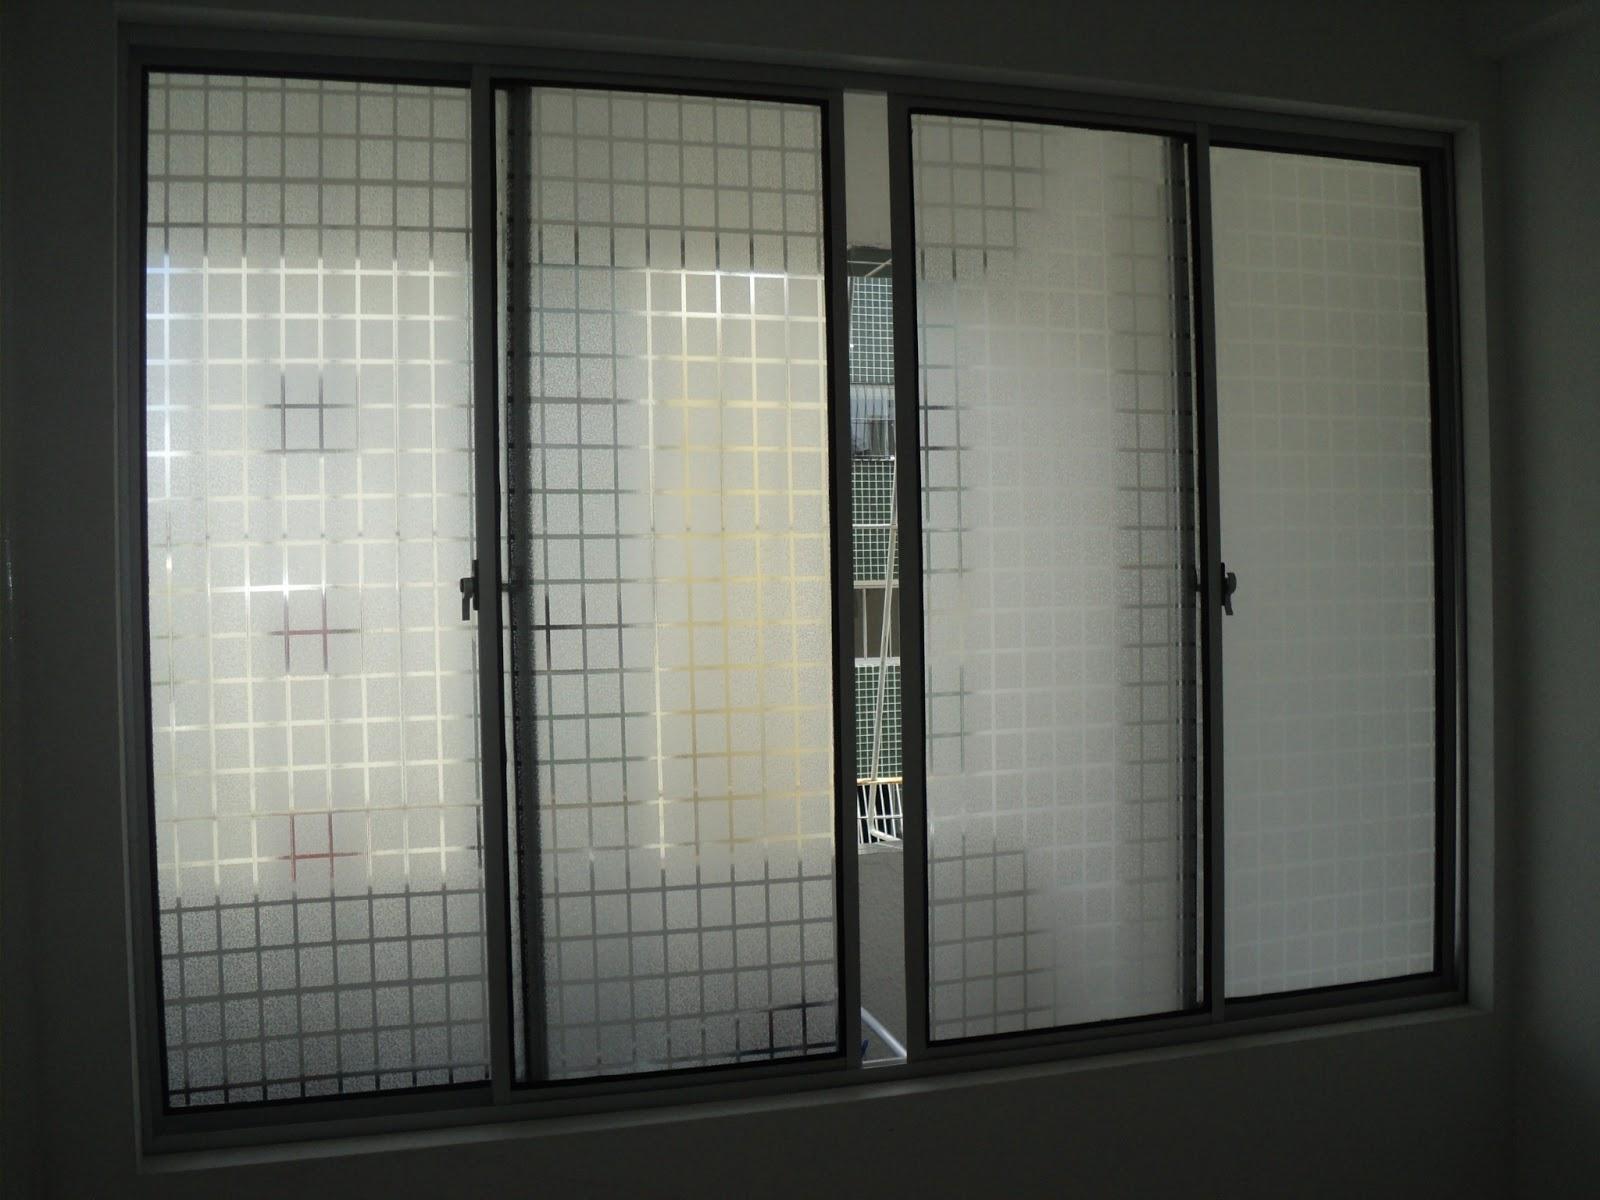 #736E58 Adesivo jateado quadriculado em Recife Camaragibe Olinda Paulista  270 Janelas De Vidro Recife Pe